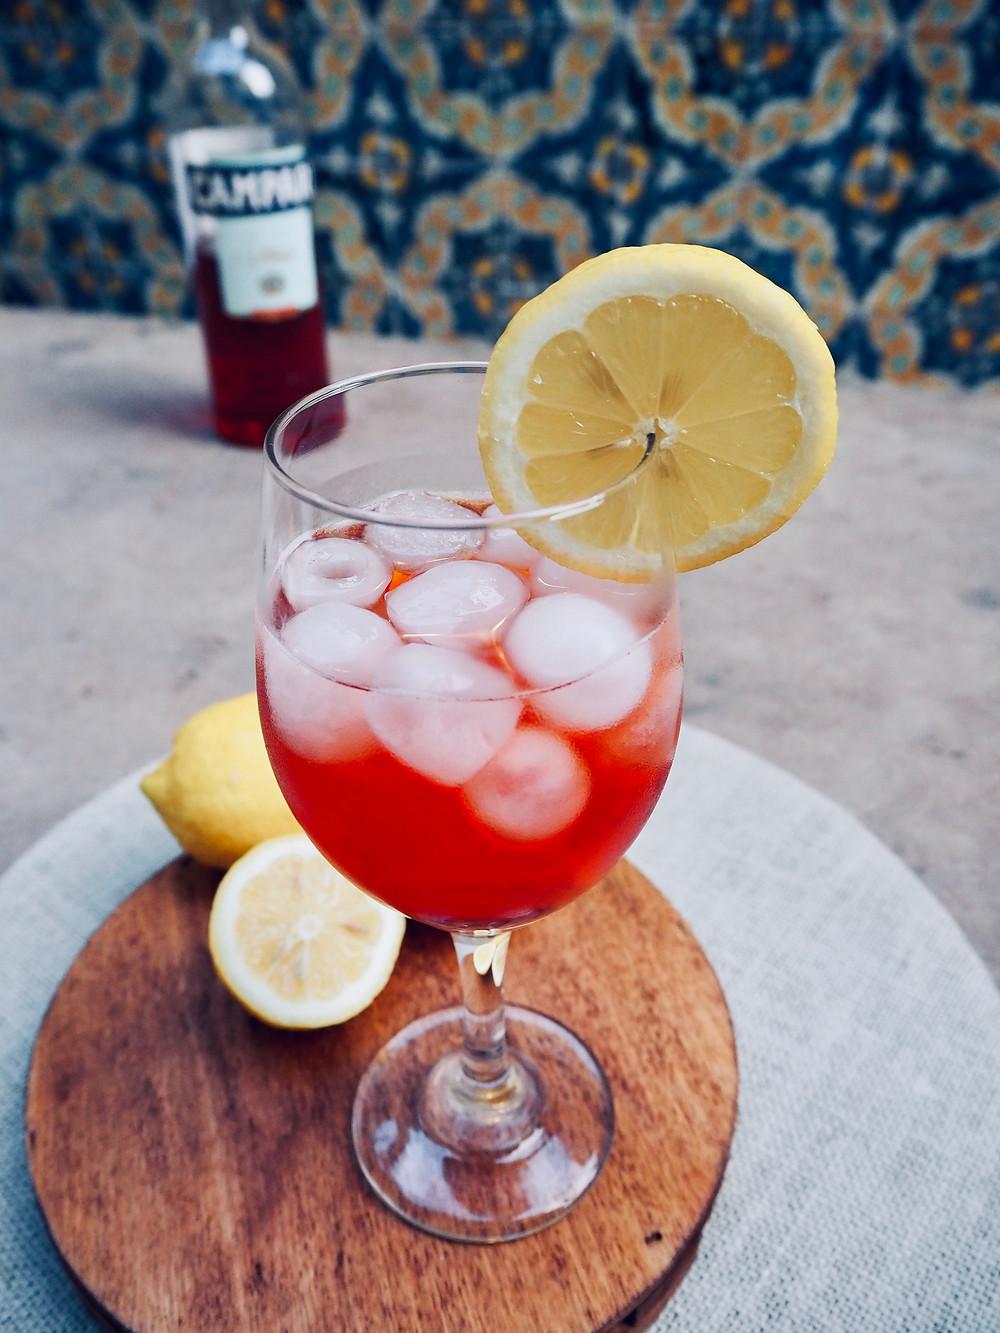 cocktails-italian-negroni-sbagliato-aperitivo